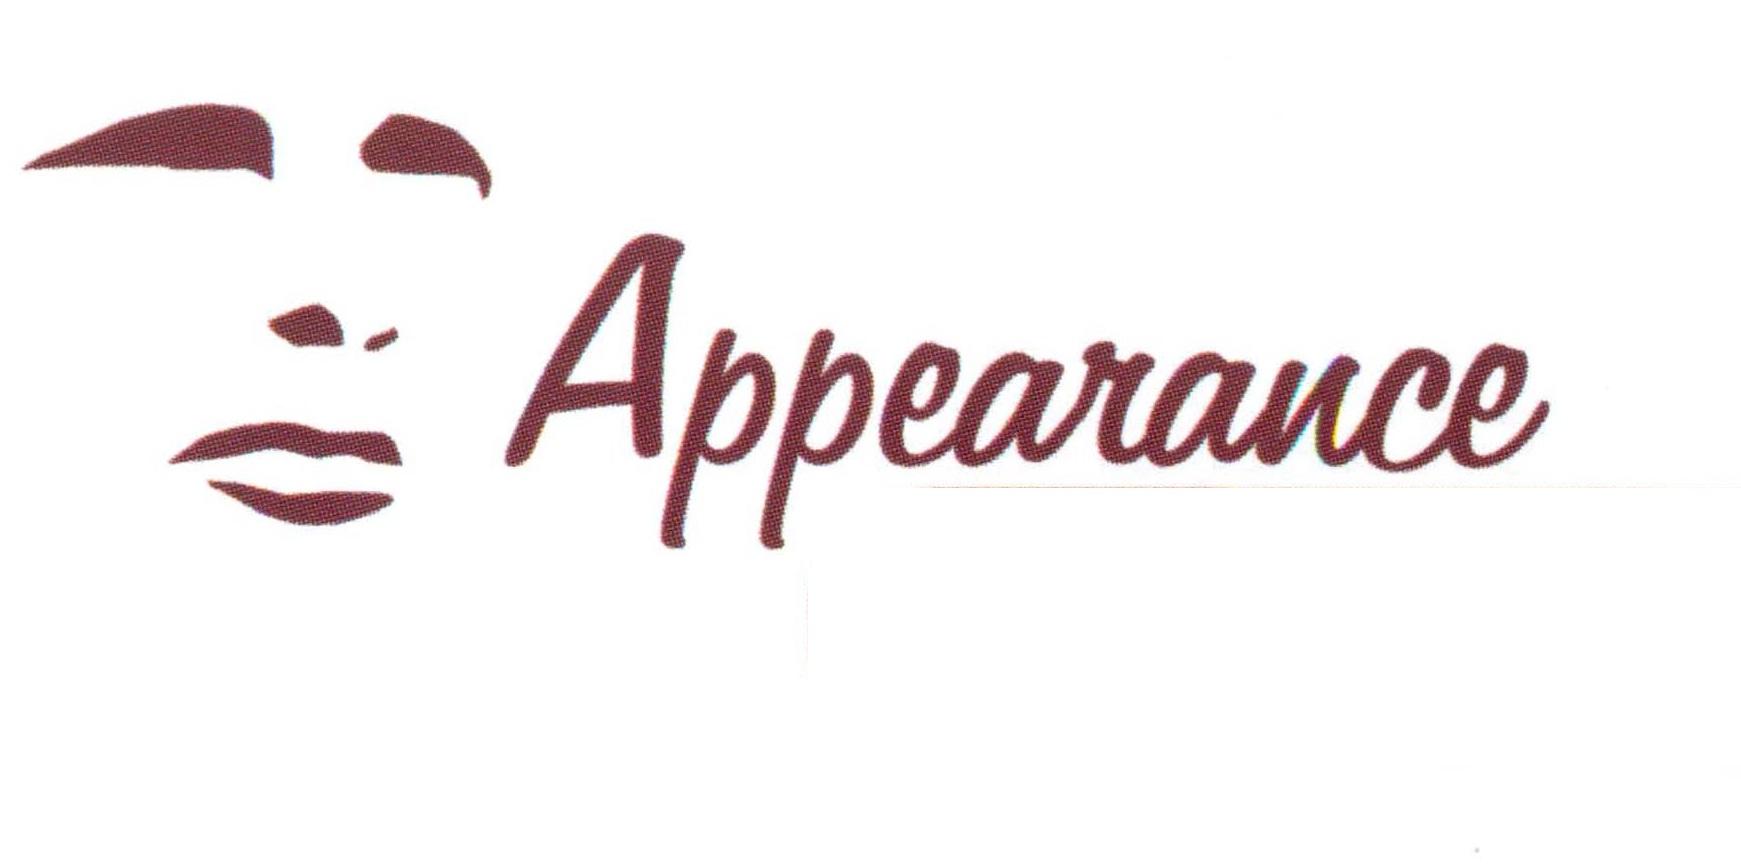 TỪ VỰNG TIÊU BIỂU IELTS SPEAKING – TOPIC: APPEARANCE